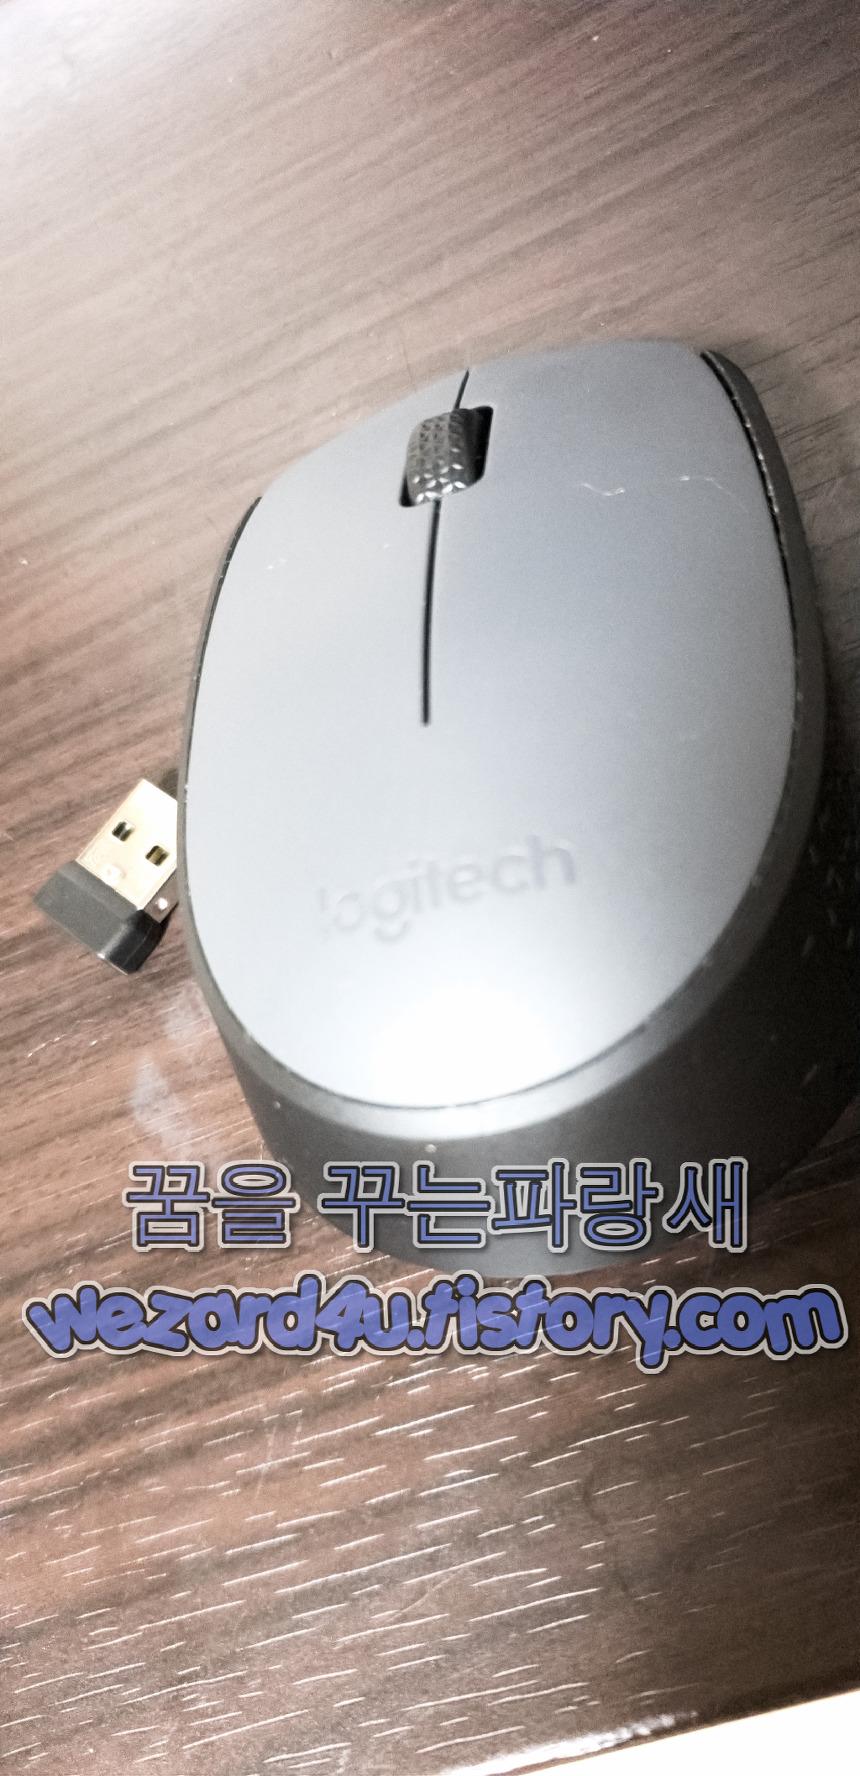 무선 마우스 와 USB 동글